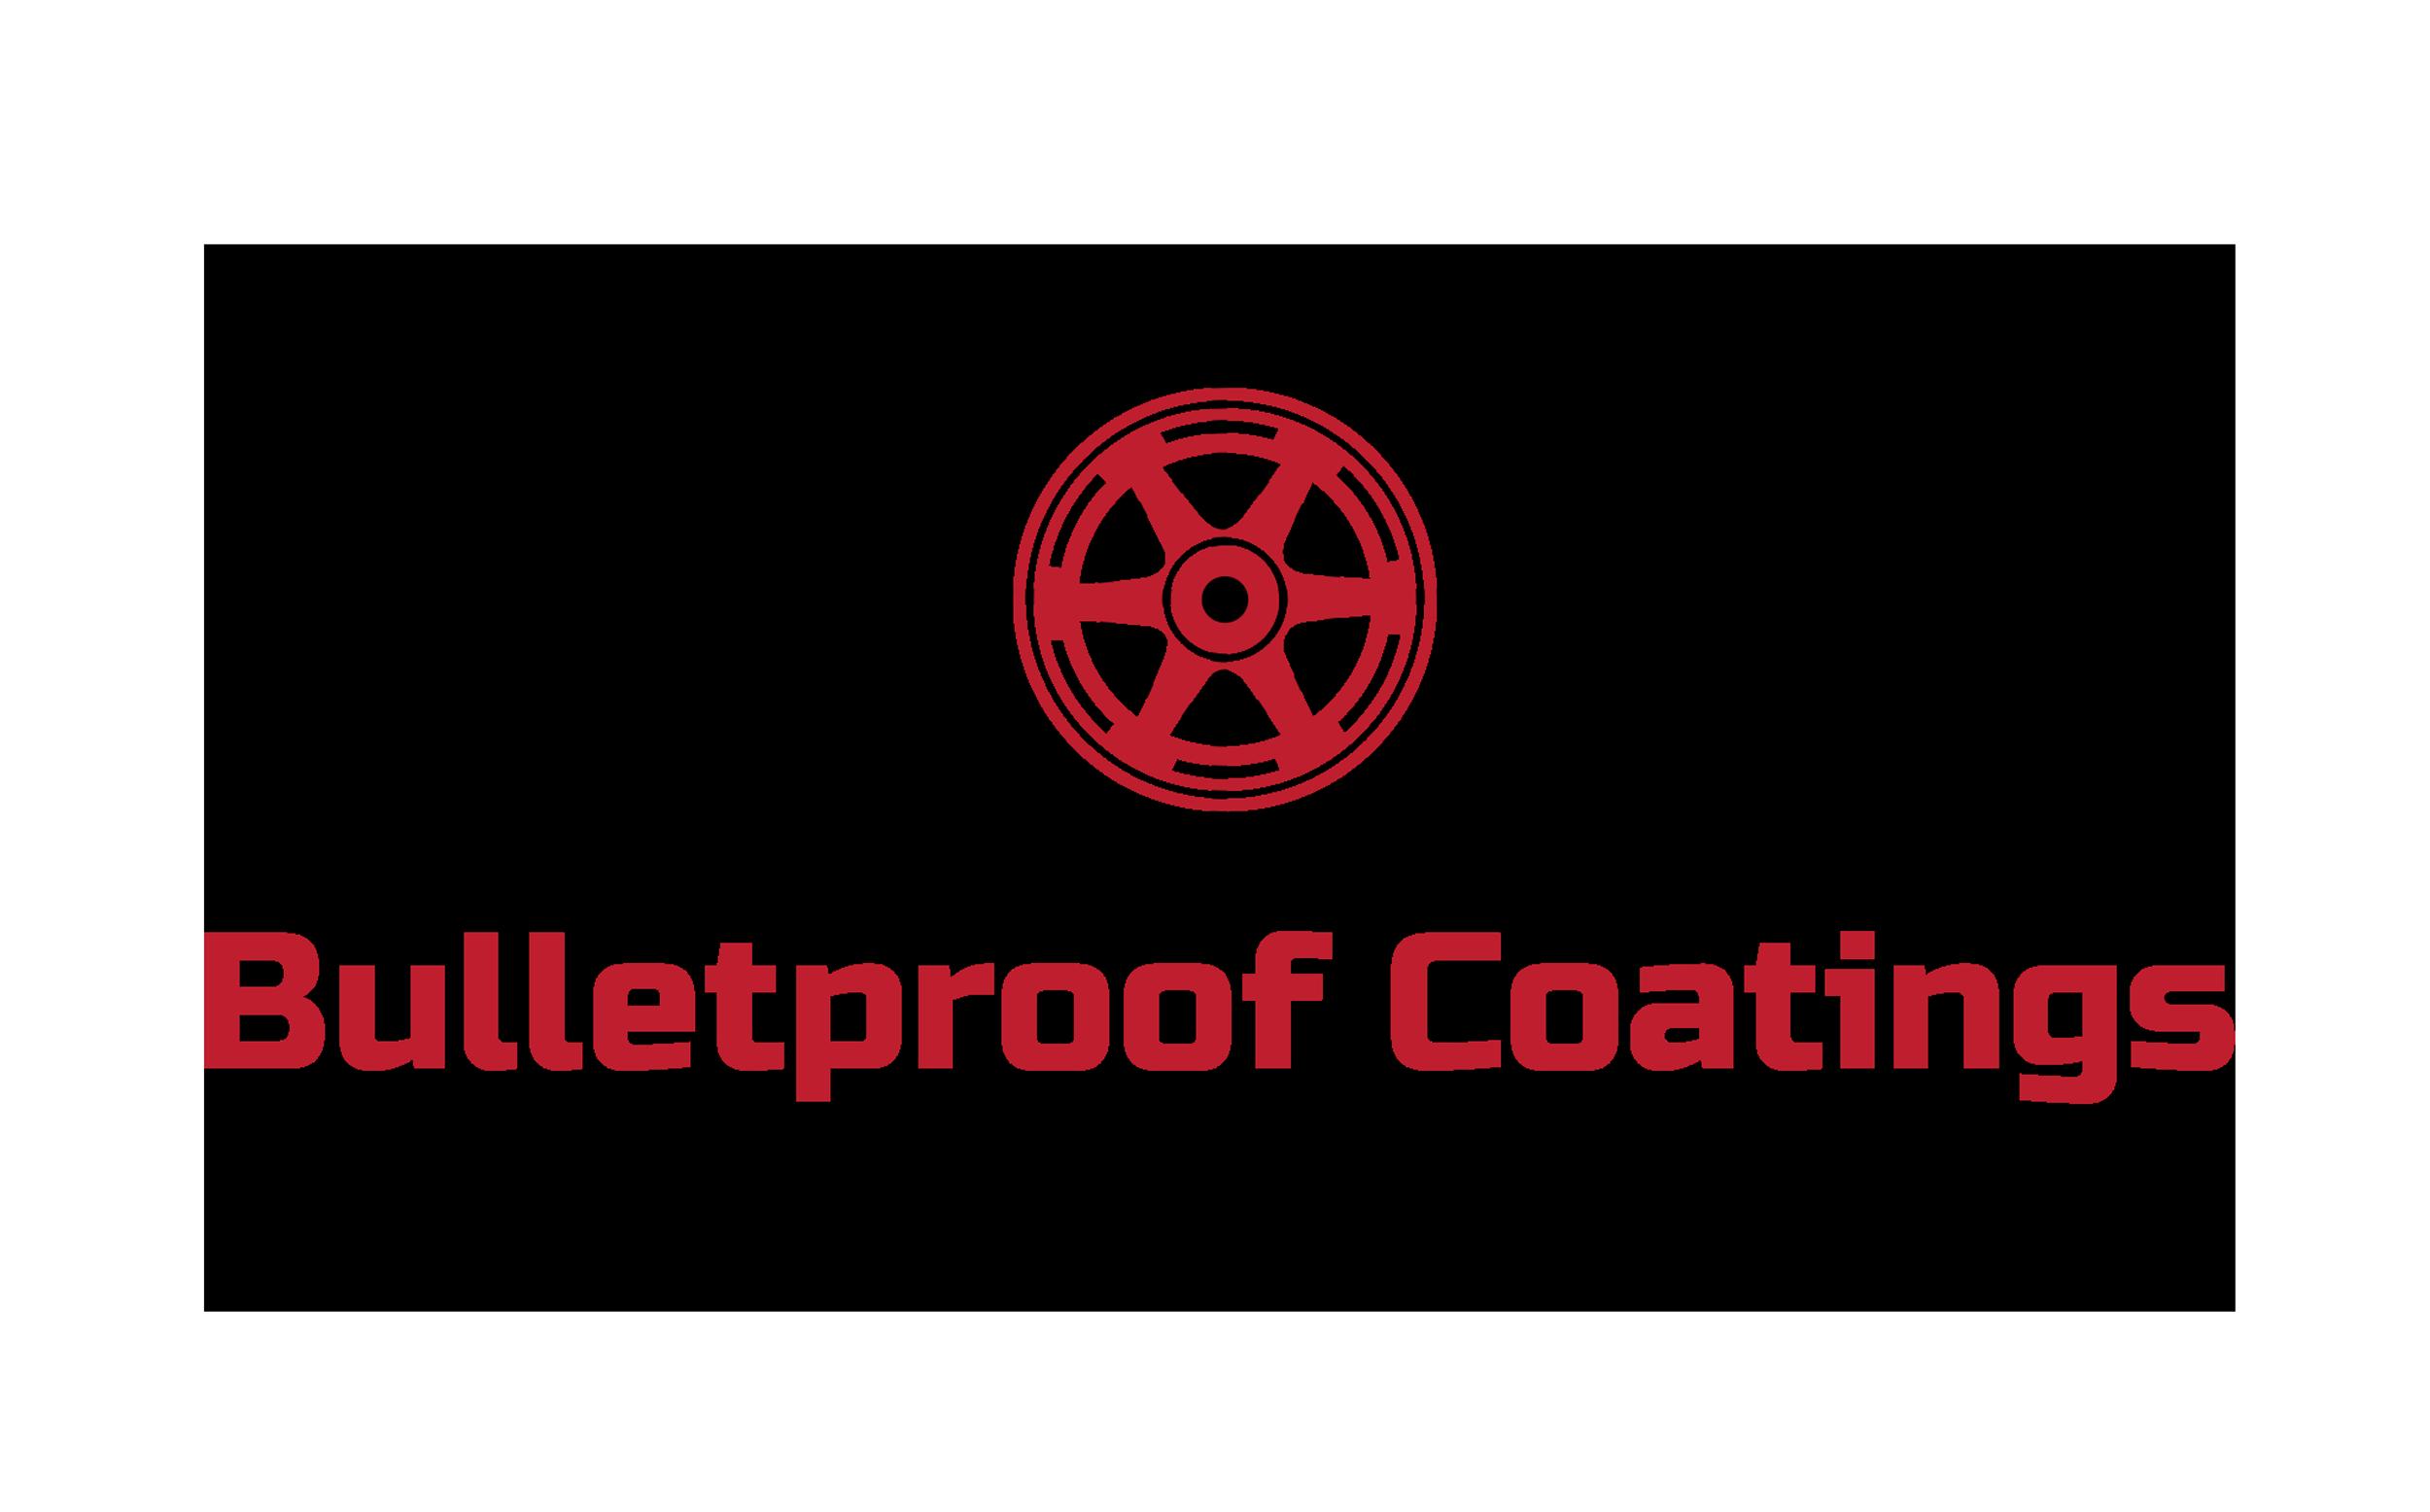 Bulletproof Coatings